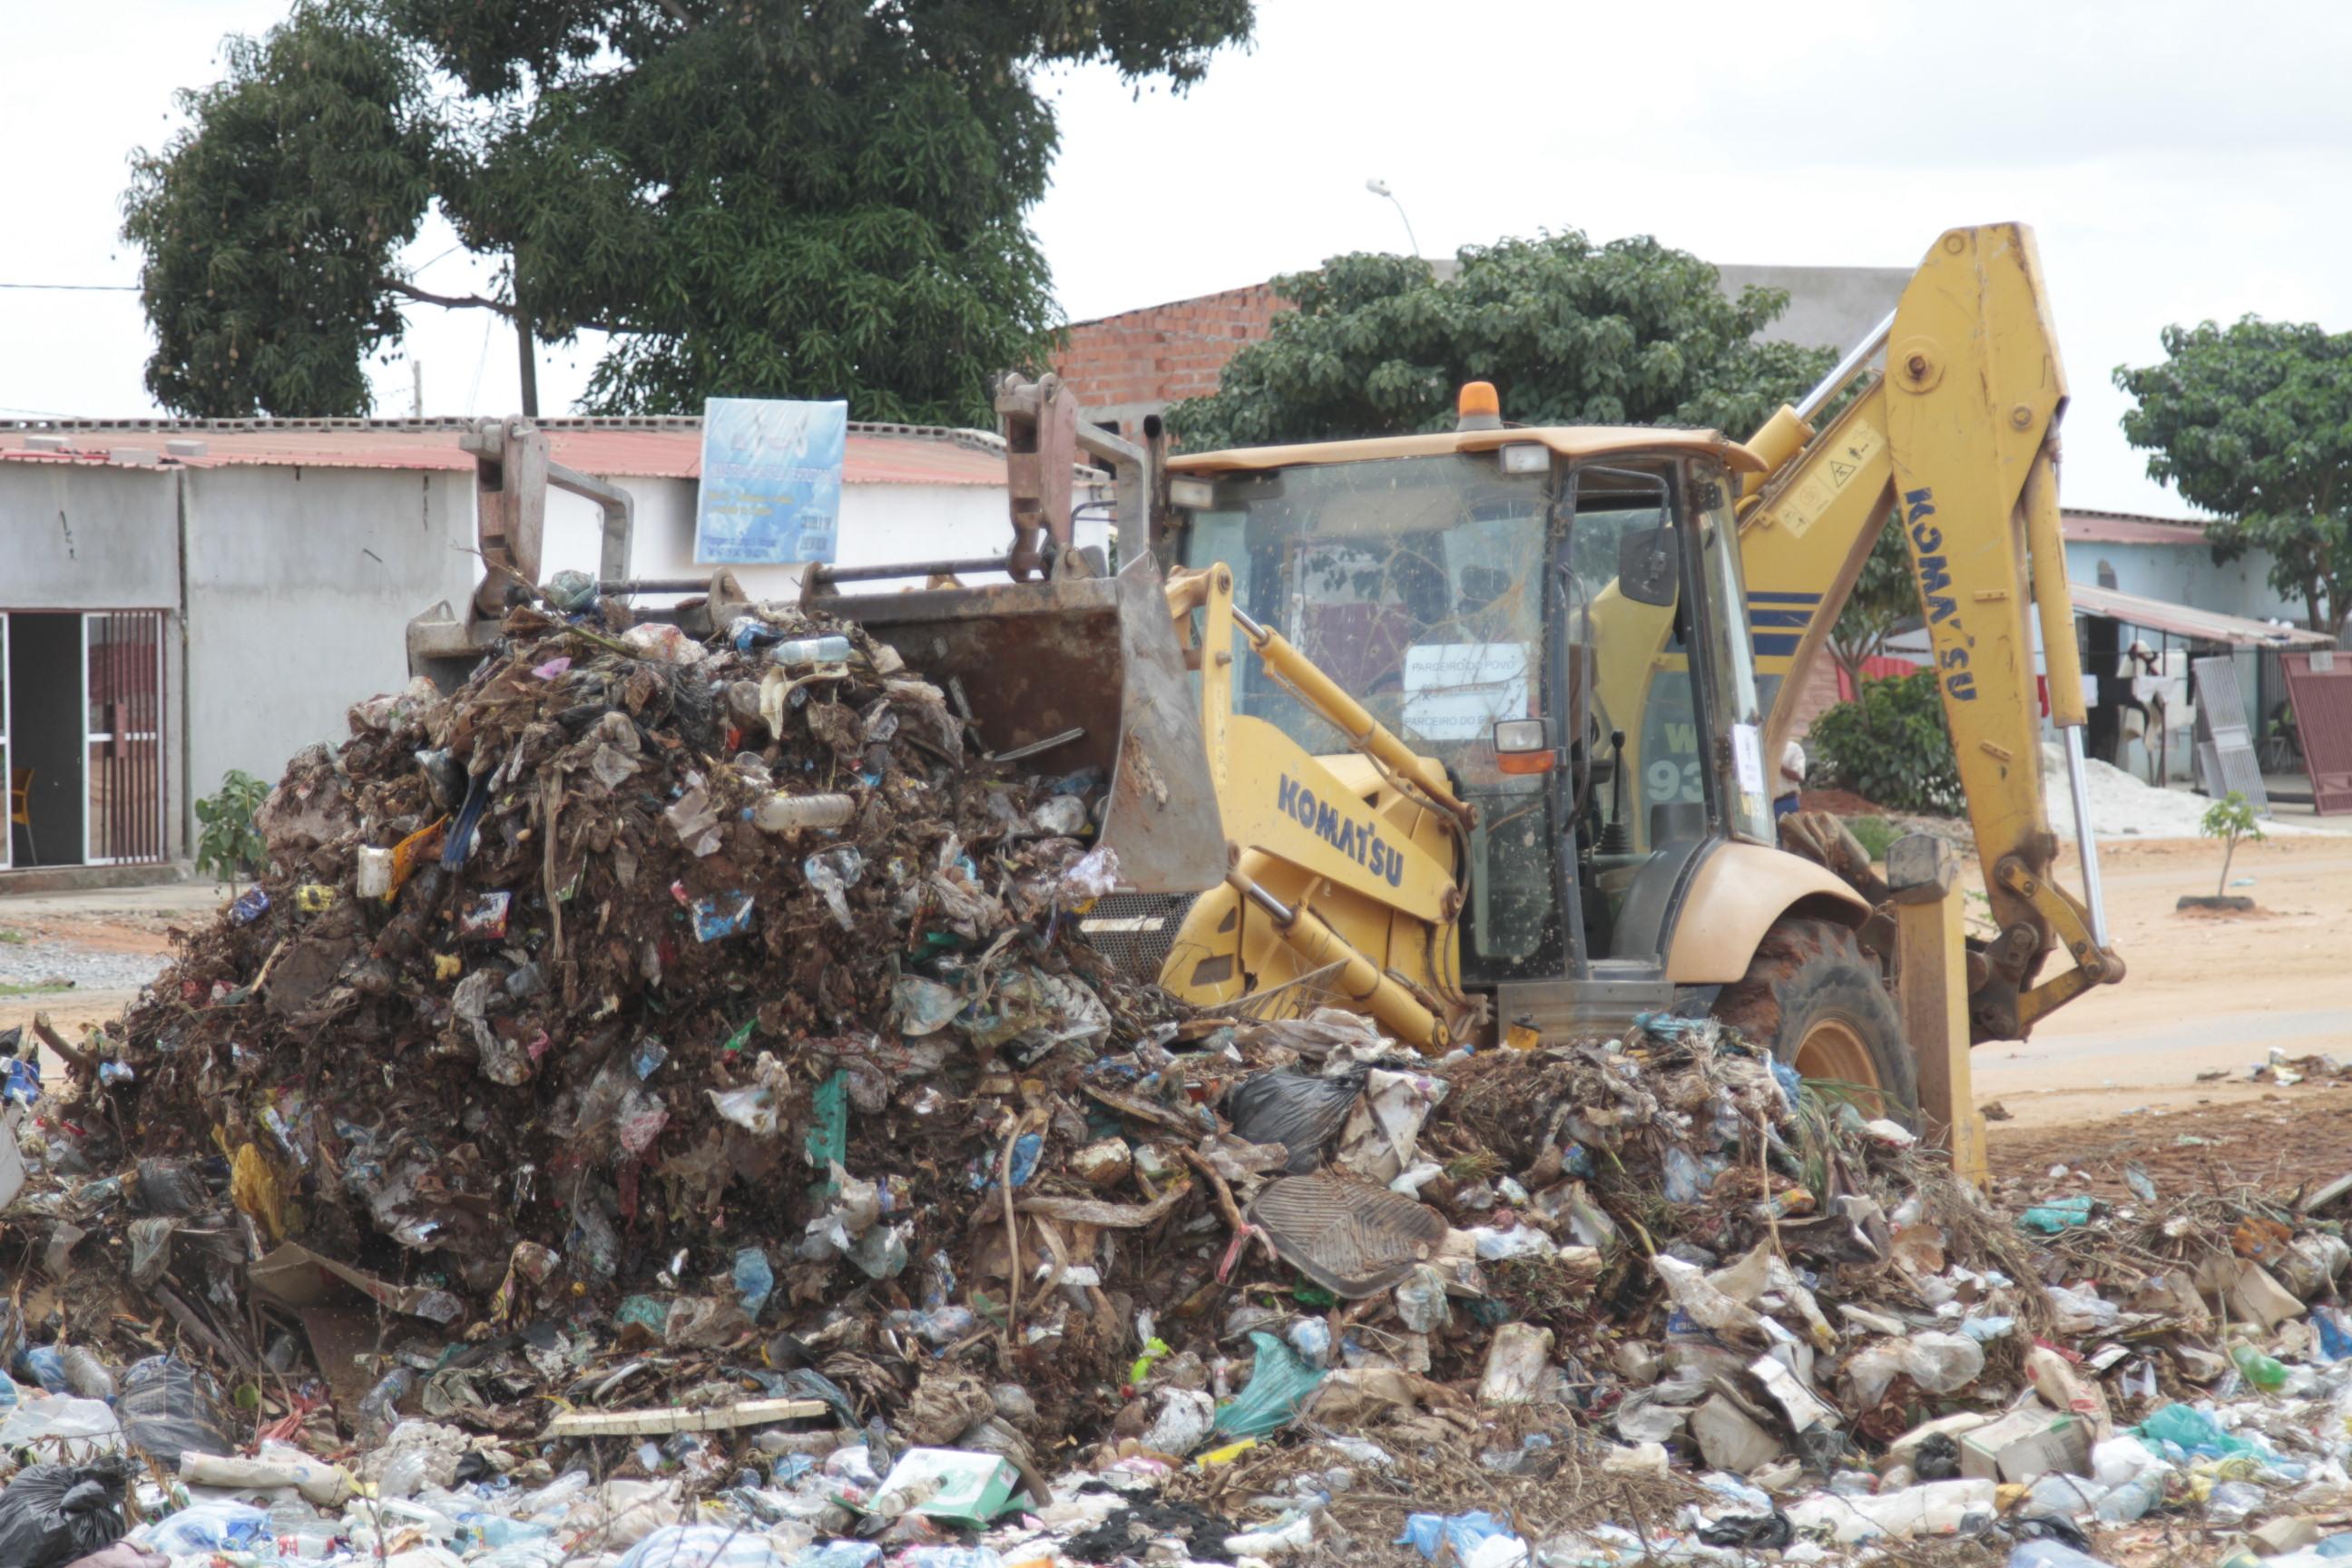 Afritrack Angola realiza recolha de lixo sem comparticipação financeira do Estado